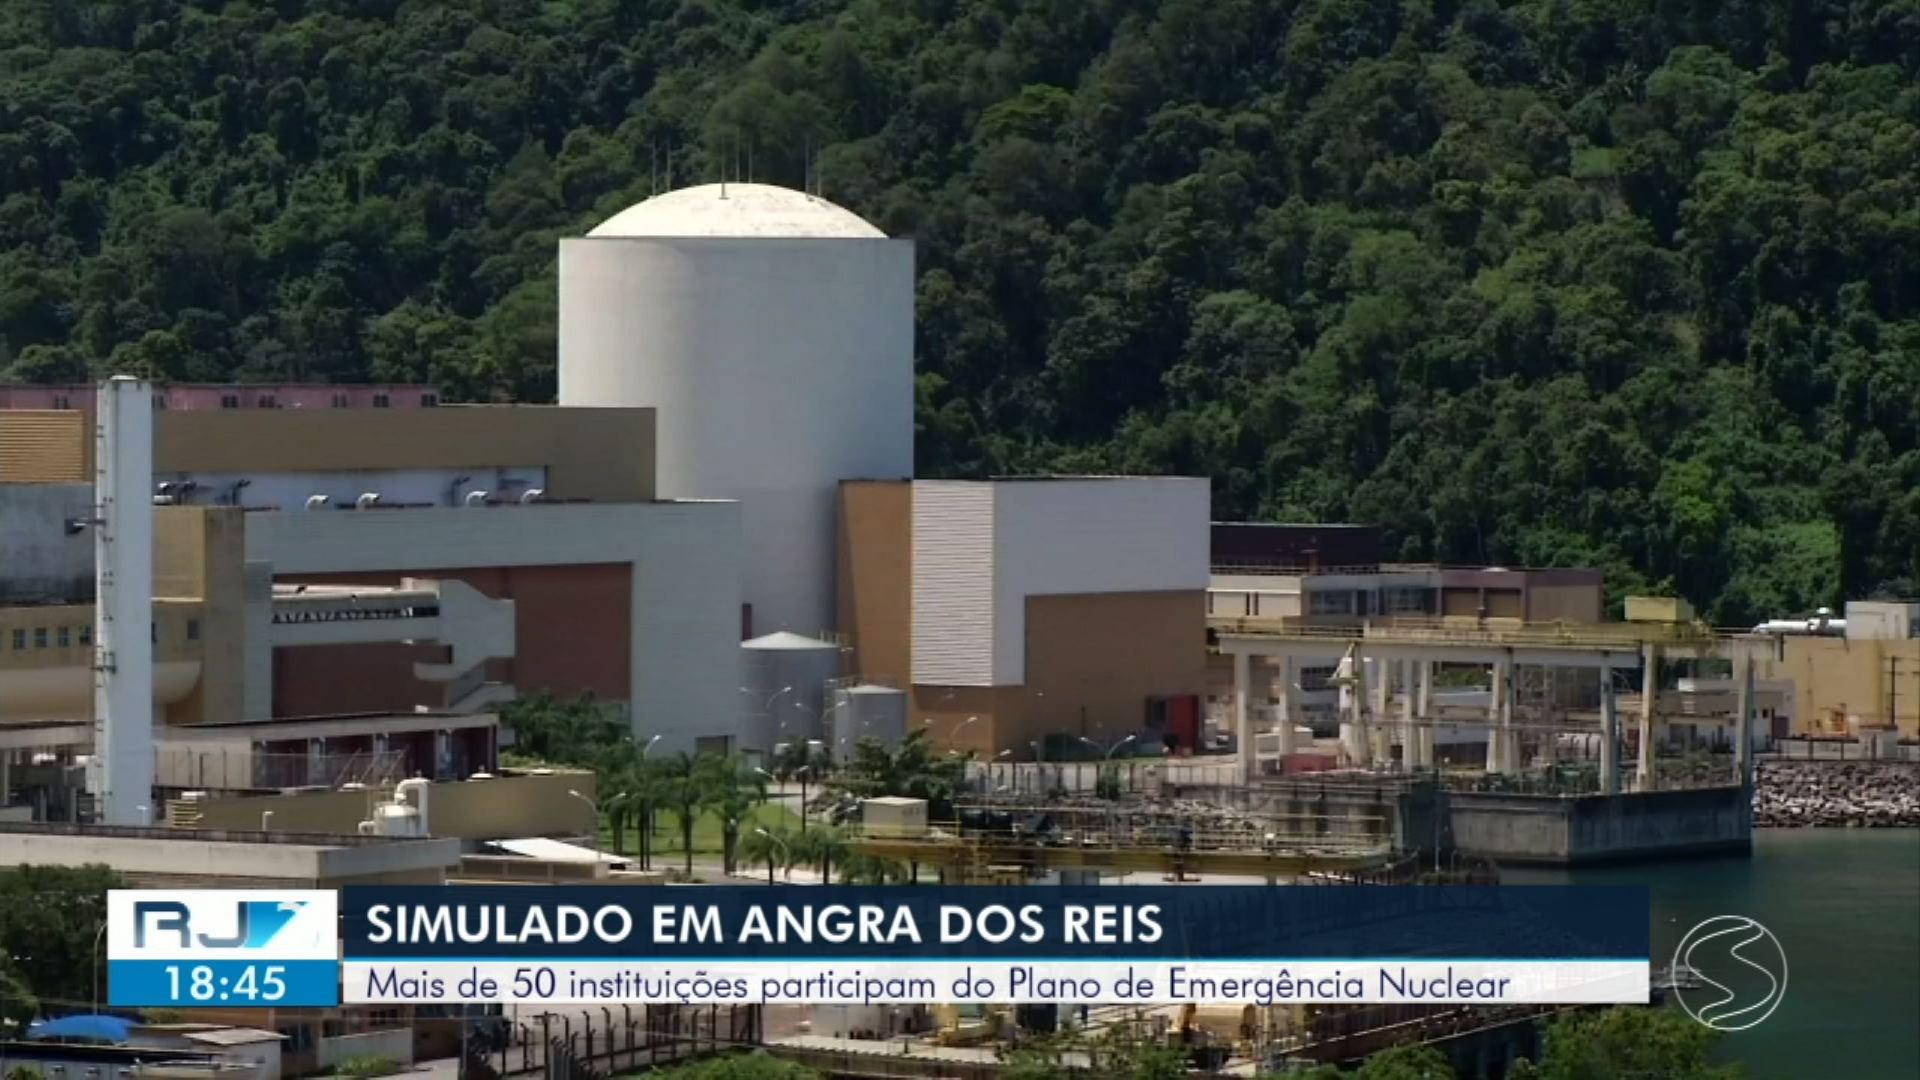 VÍDEOS: RJ2 TV Rio Sul de quarta-feira, 21 de outubro